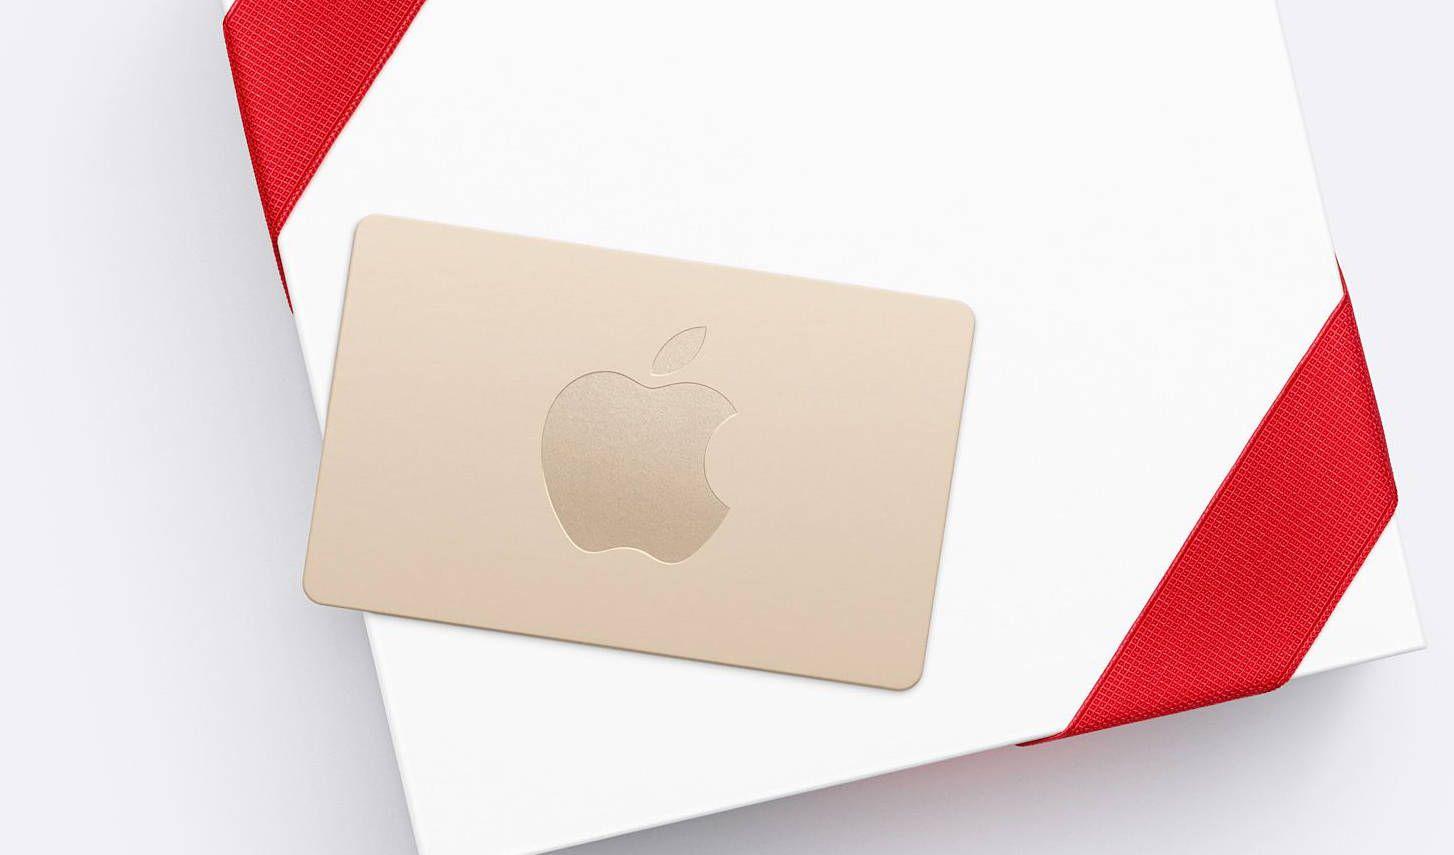 Co Apple przygotowało z okazji Black Friday?